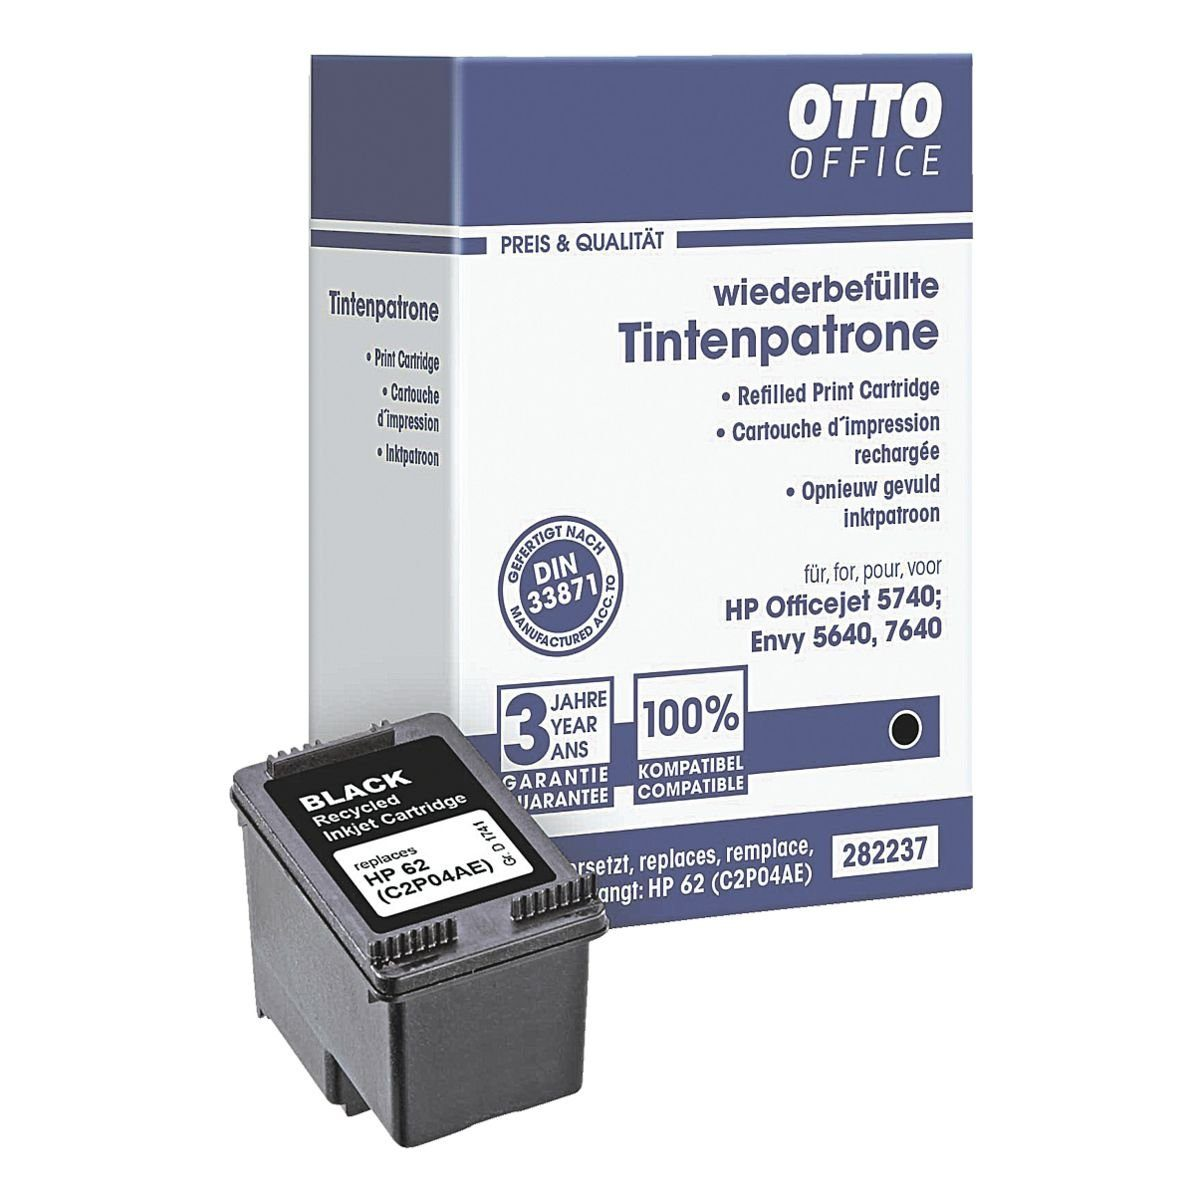 OTTO Office Standard Tintenpatrone ersetzt HP »C2P04A« 62